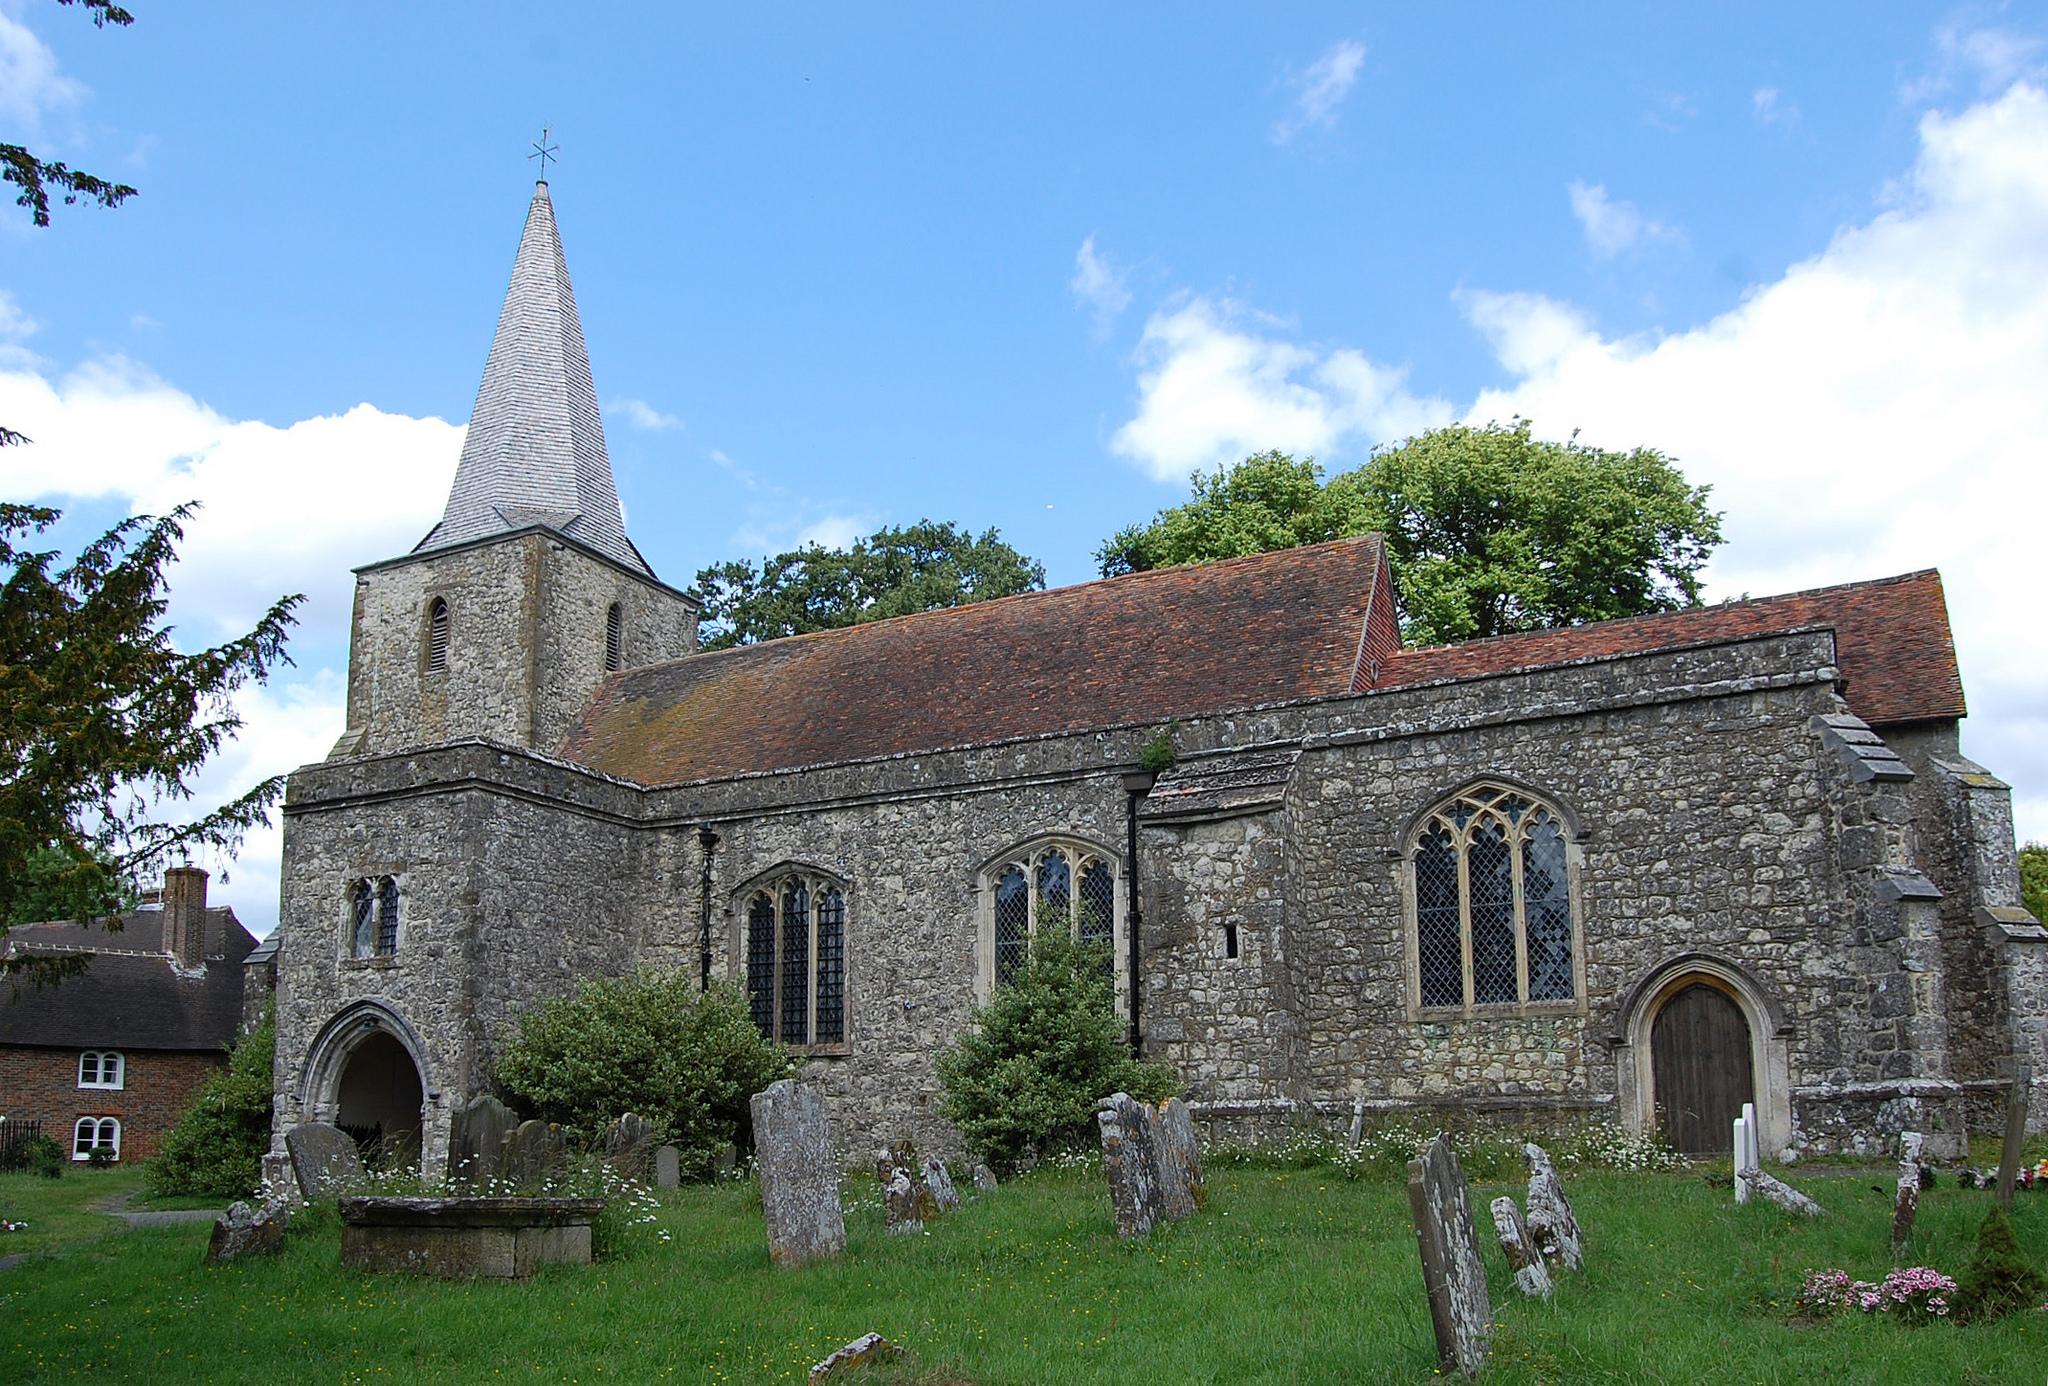 Pluckley je najstrašidelnejšia dedina v Anglicku, v ktorej sa oficiálne nachádzajú duchovia